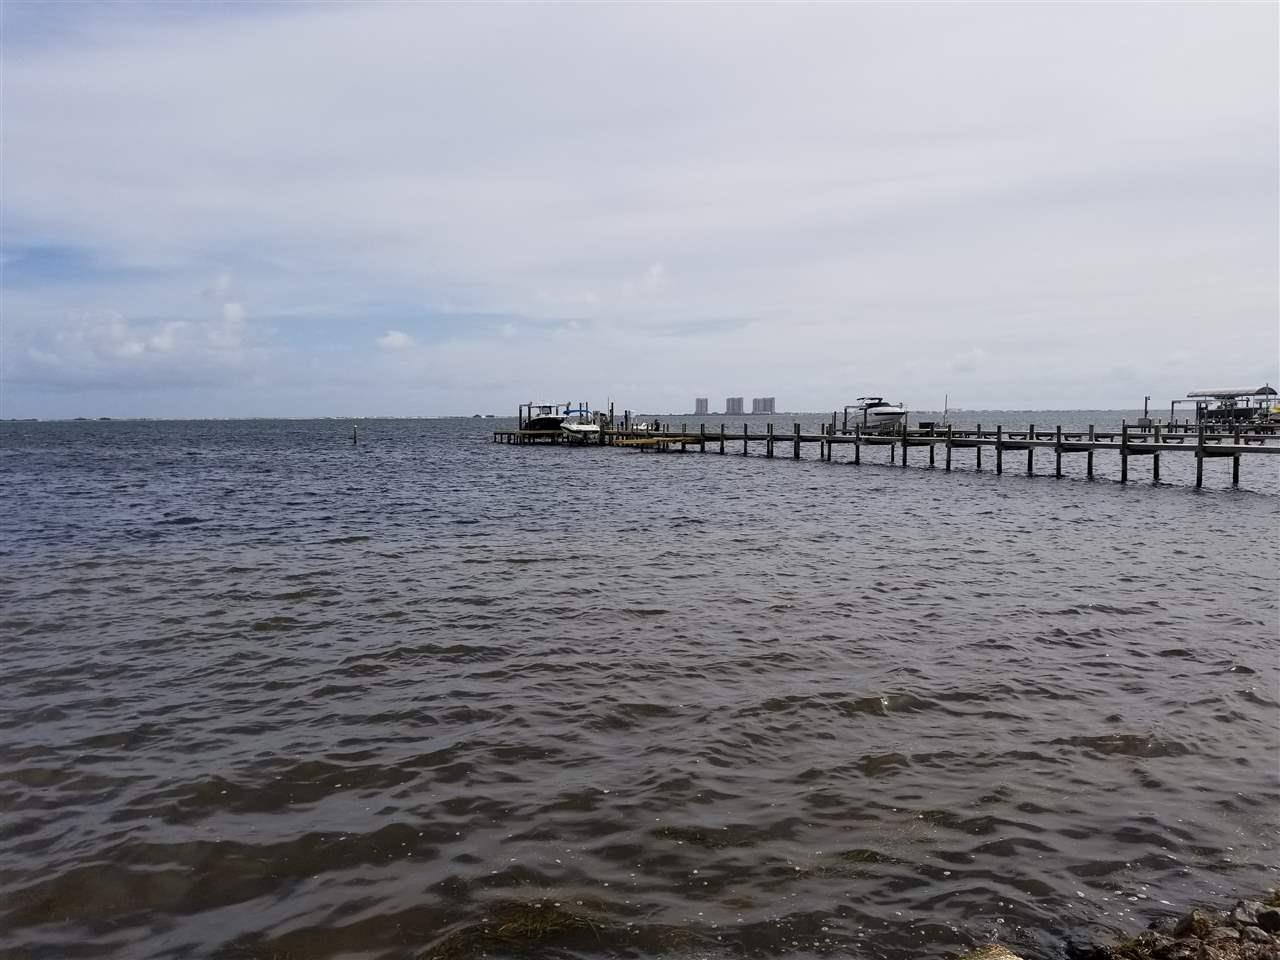 3943 W Madura Rd, Gulf Breeze, FL 32563